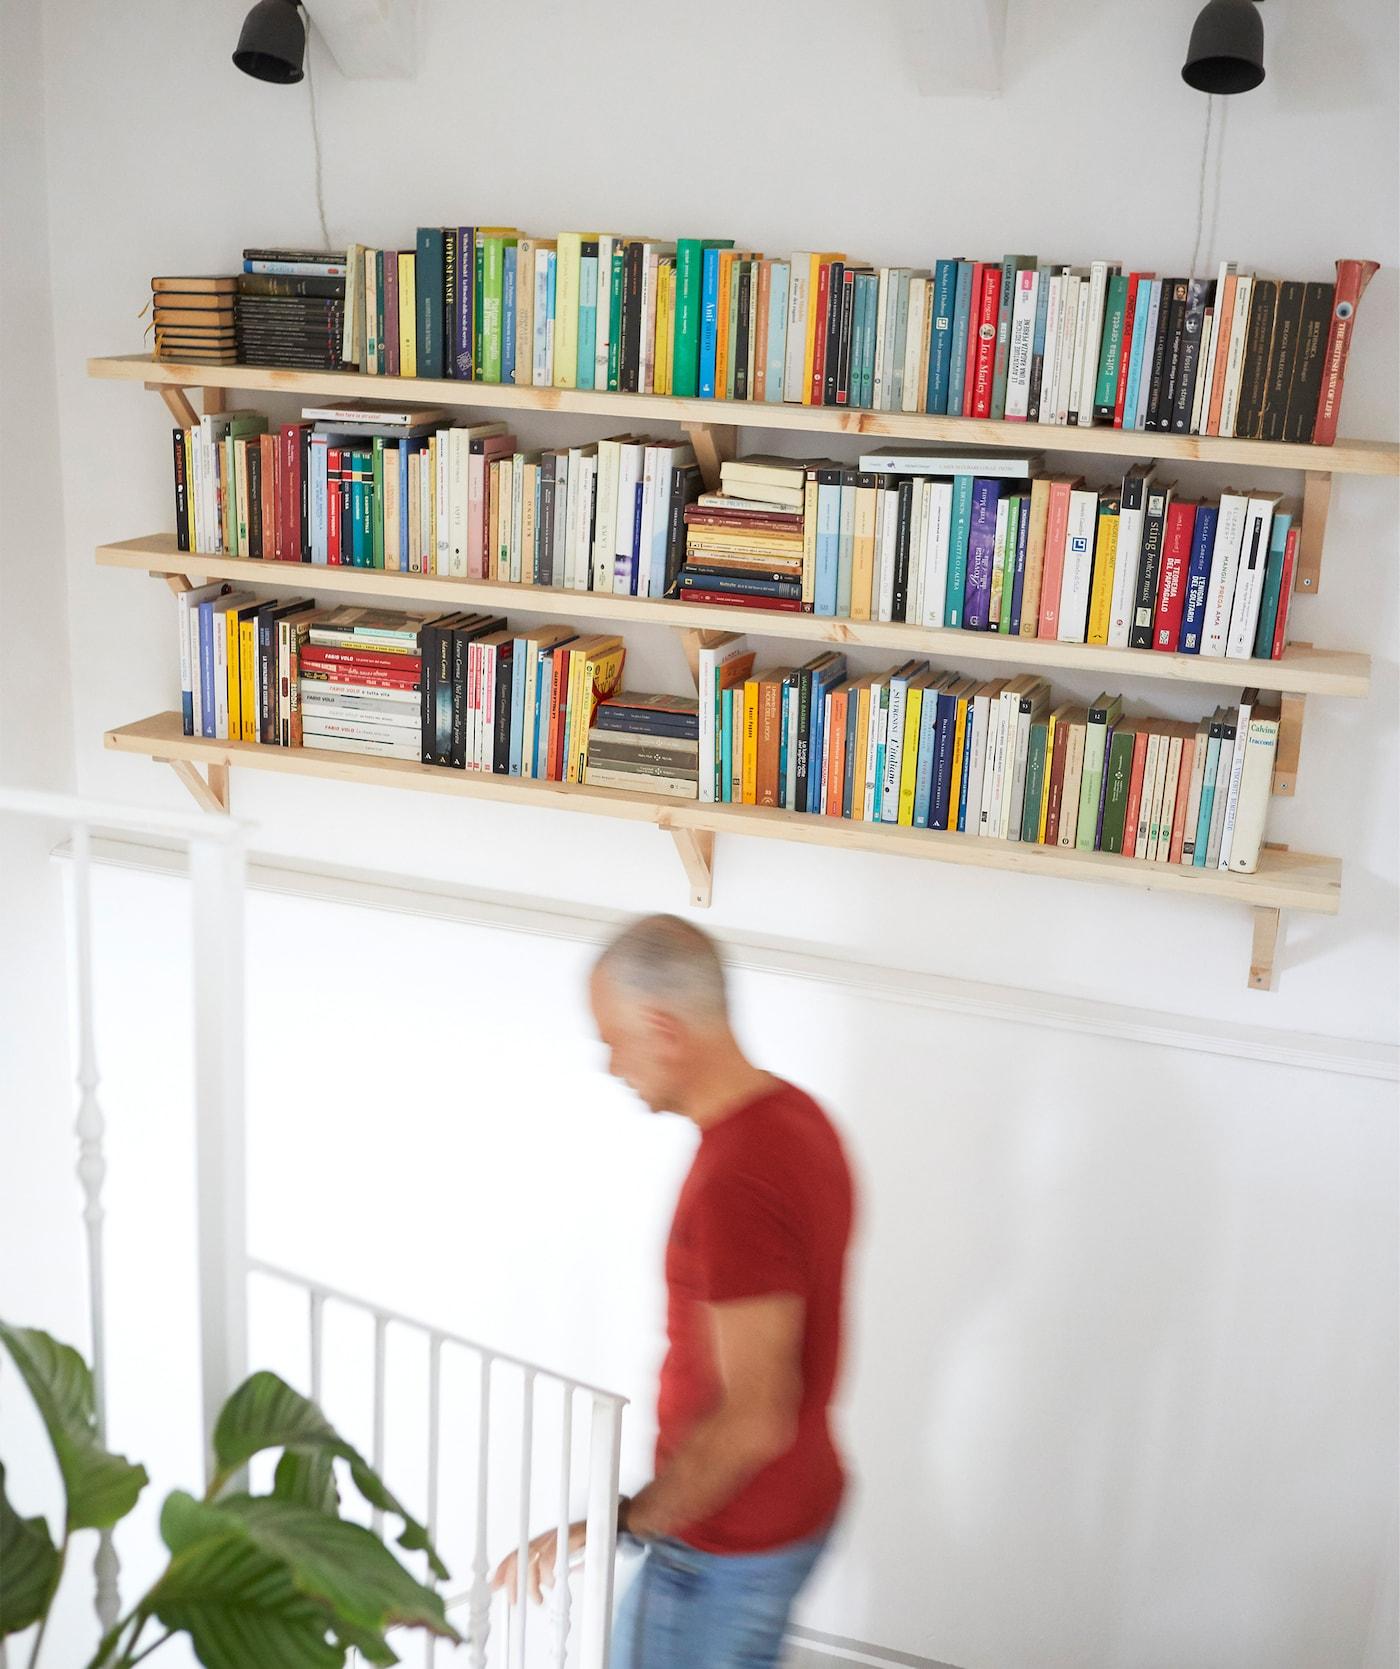 Trois tablettes remplies de livres accrochées à un mur blanc au-dessus d'un escalier.